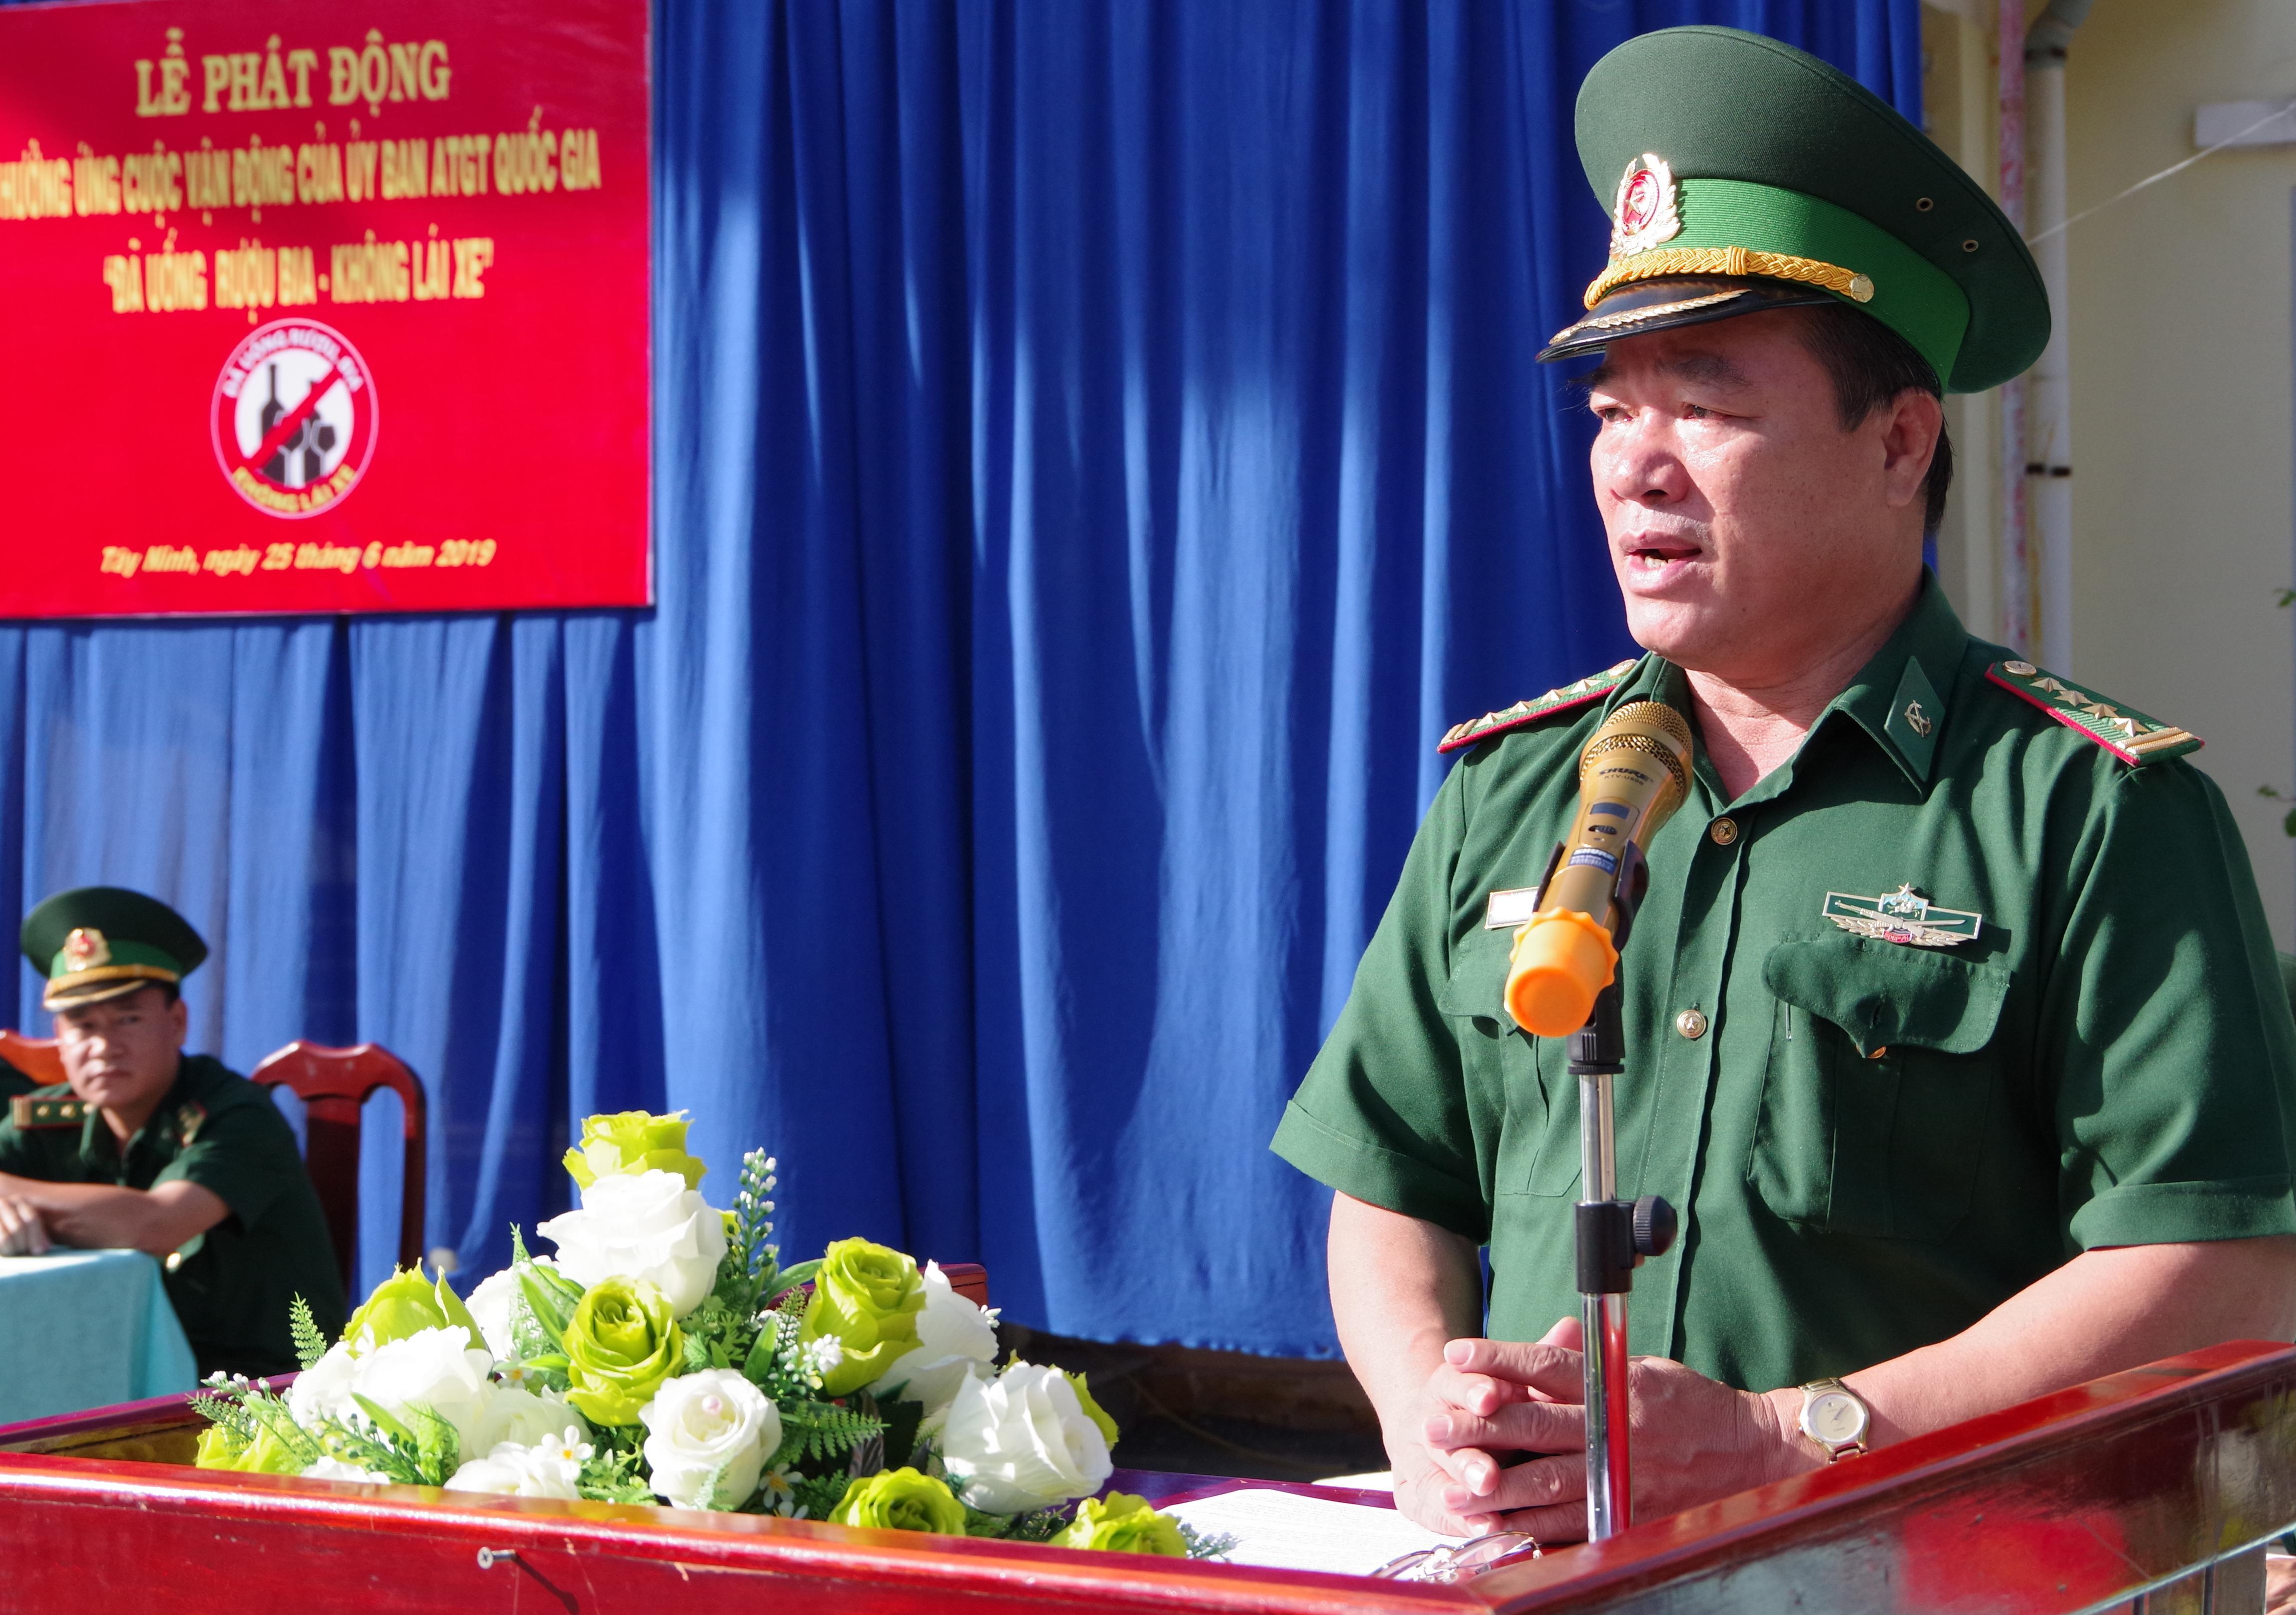 BĐBP Tây Ninh phát động hưởng ứng cuộc vận động 'Đã uống rượu bia - Không lái xe' Ảnh 1